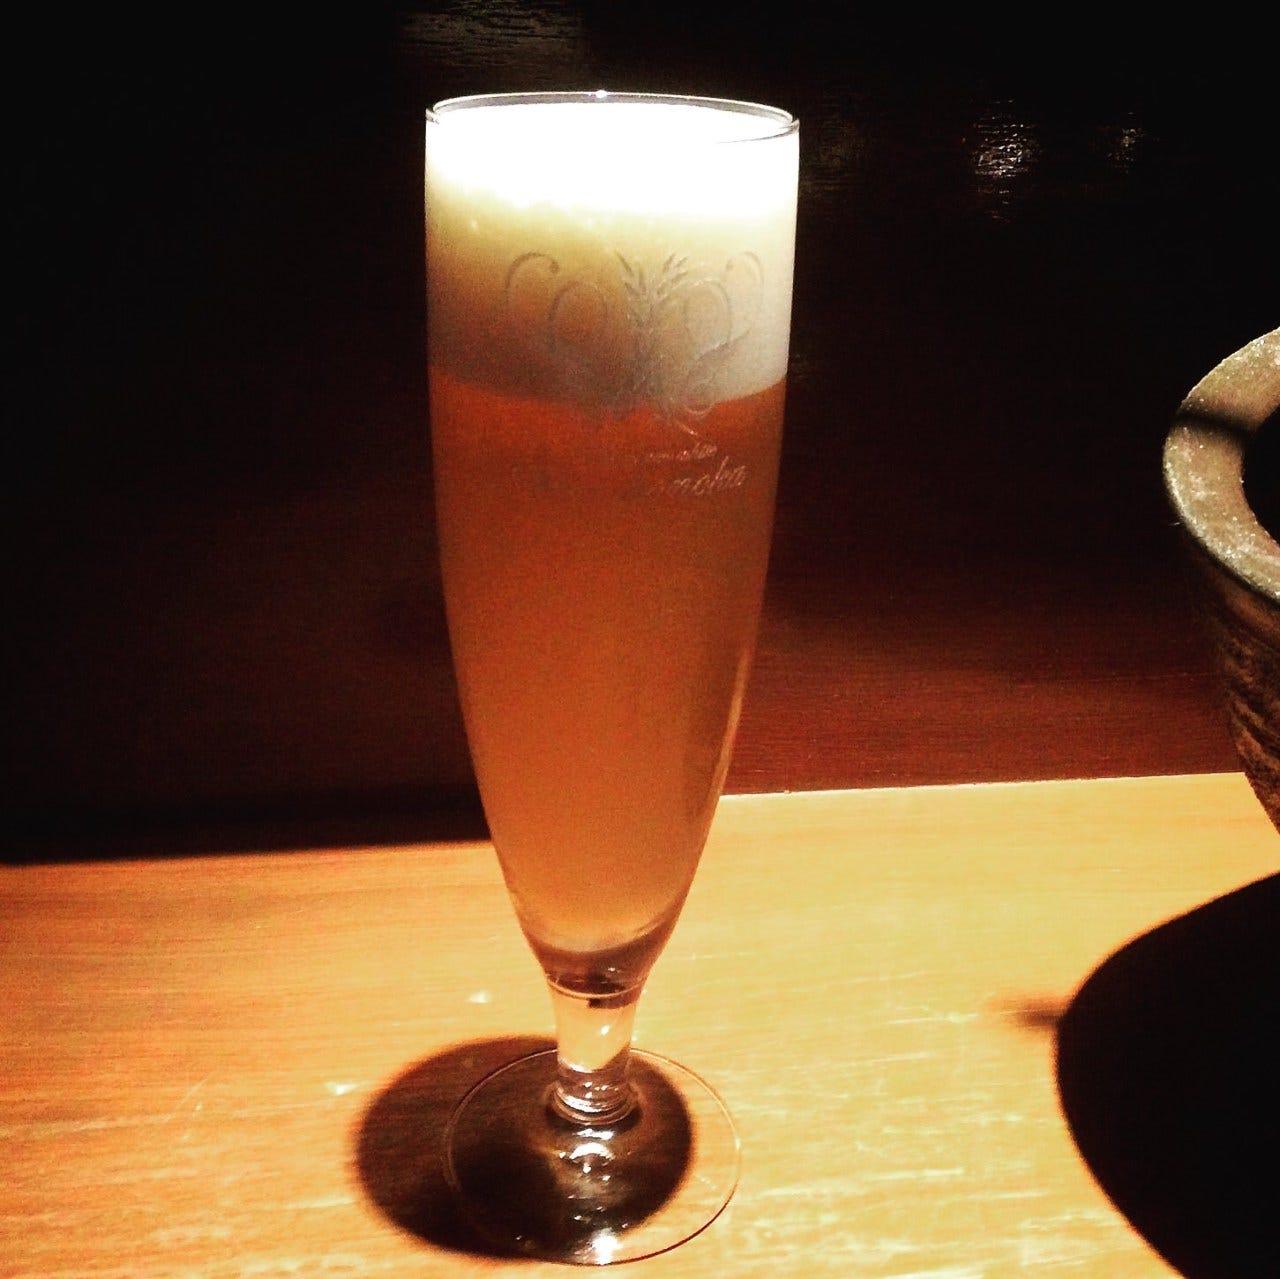 無濾過限定生ビール「 白穂乃香 」。フルーティな味わい。